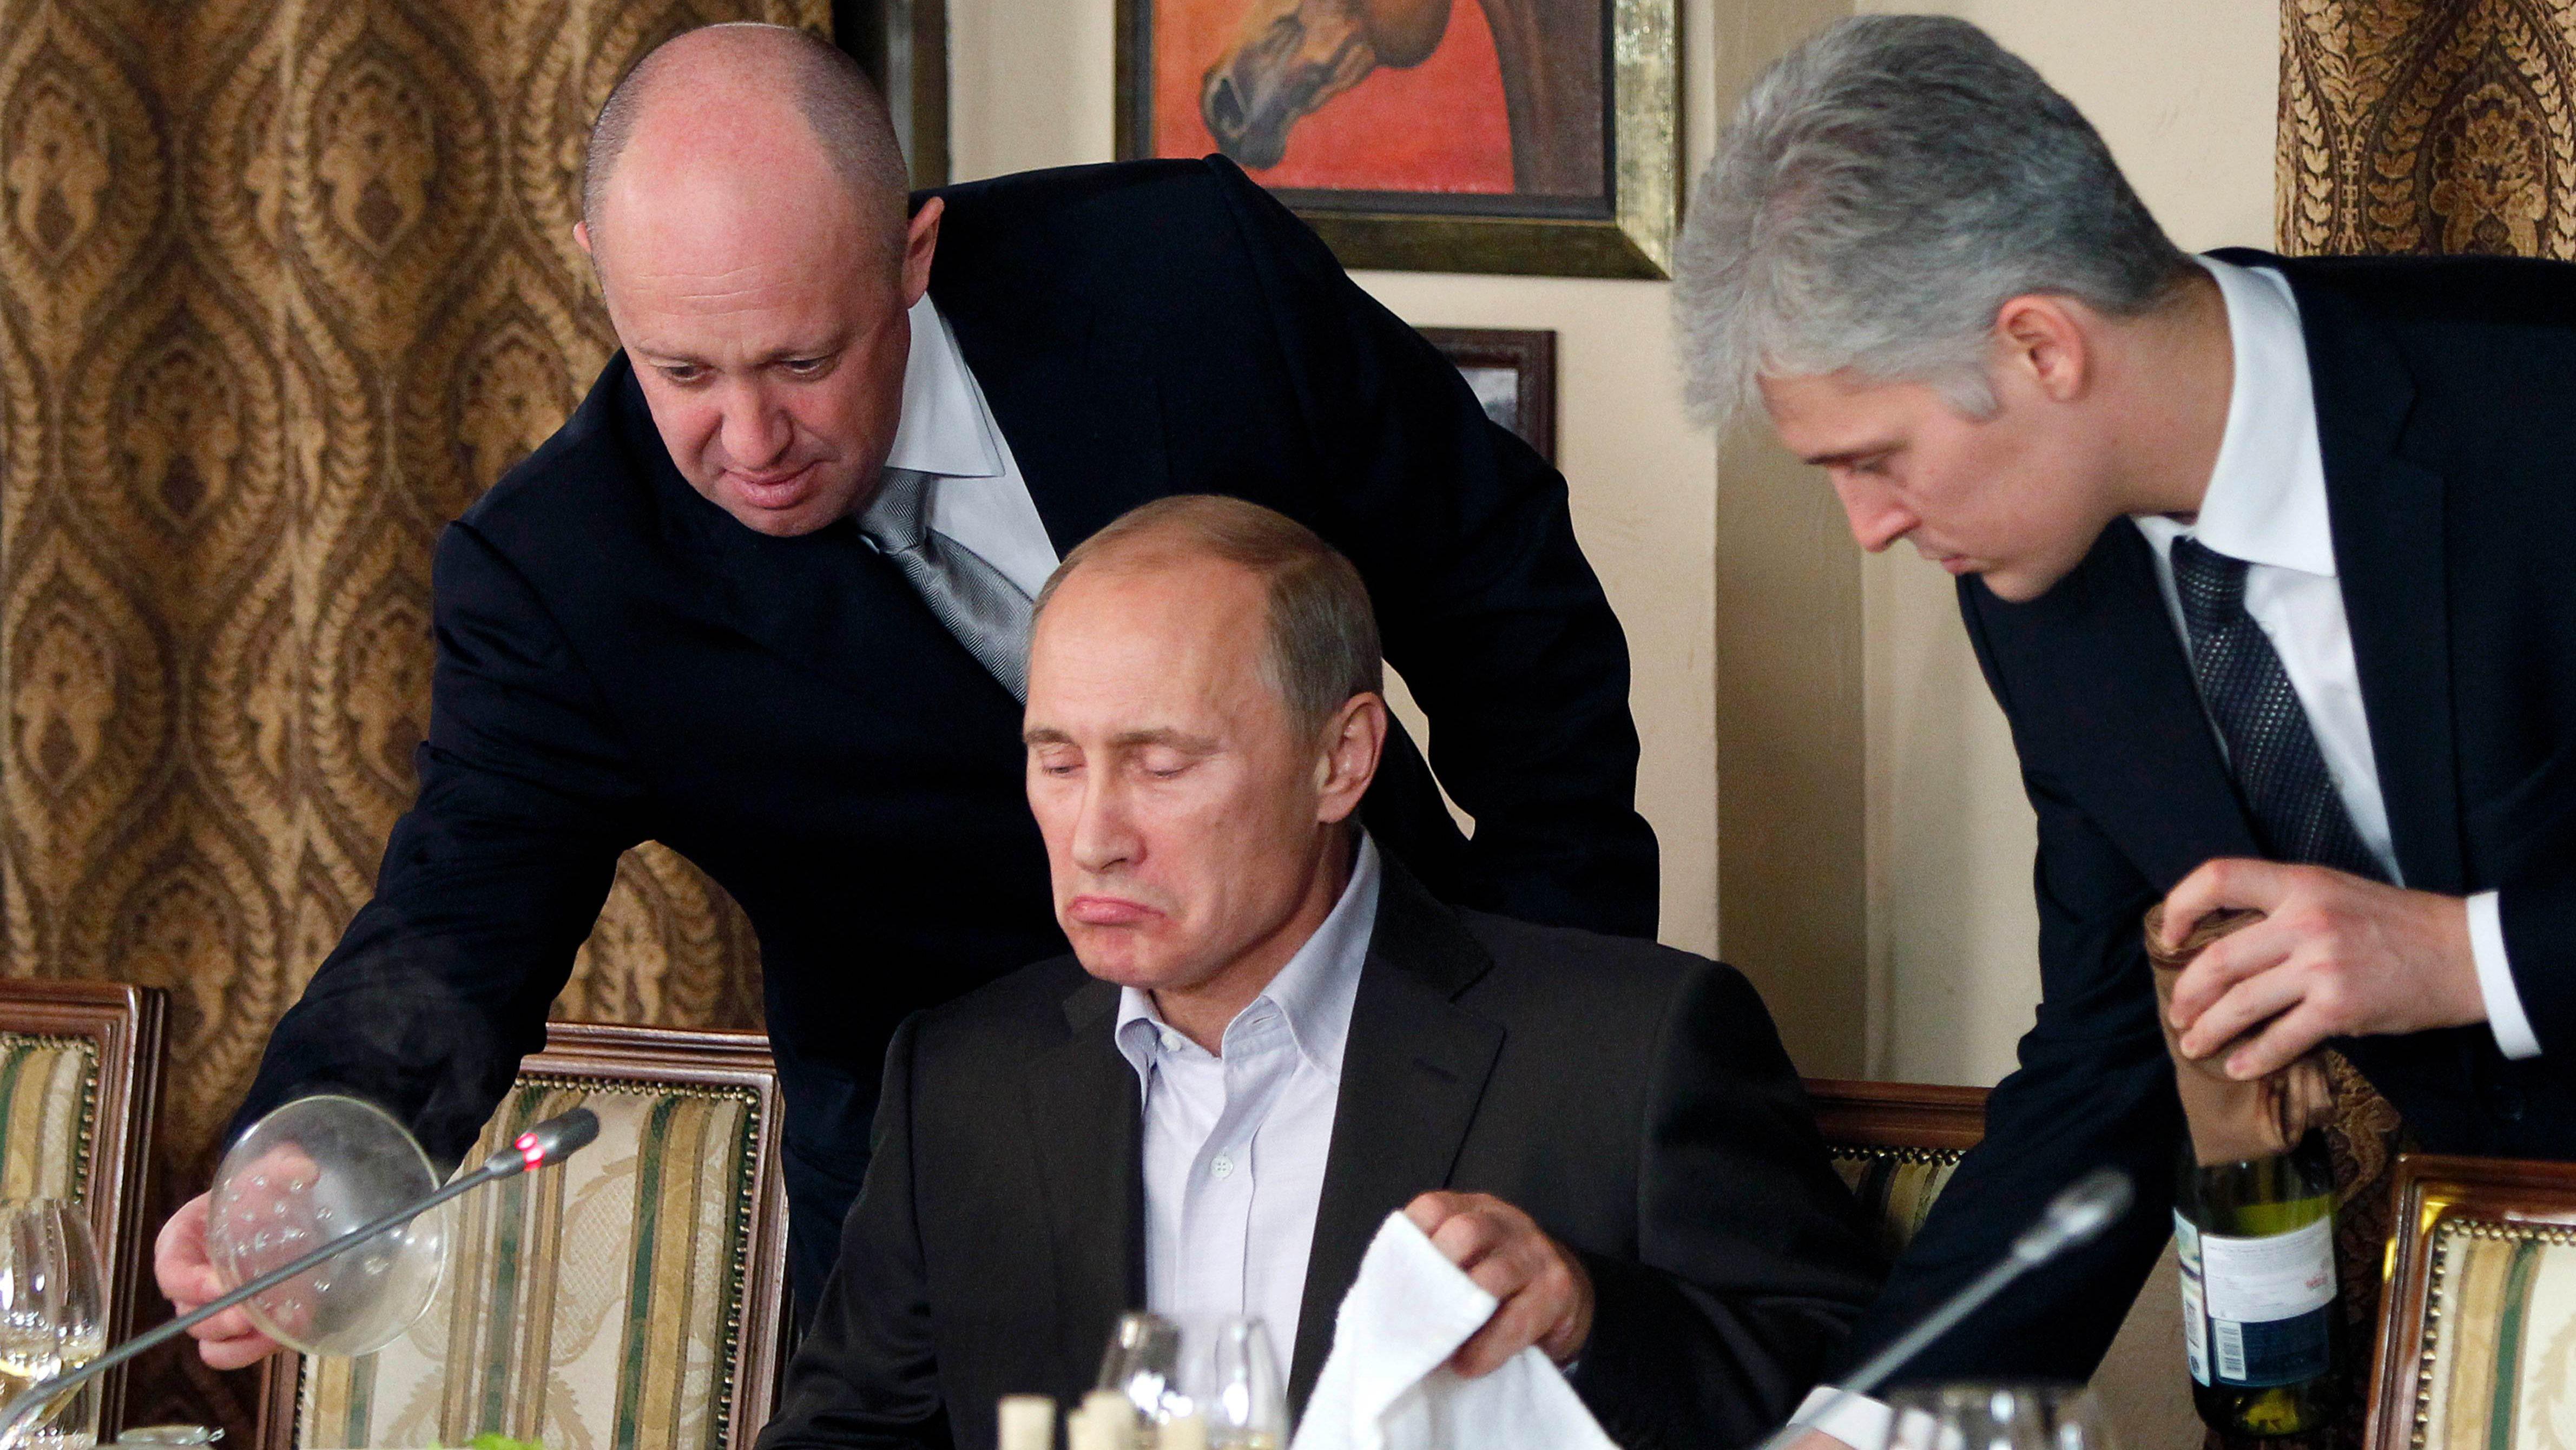 Yevgeny Prigozhin, left, serves Vladimir Putin.